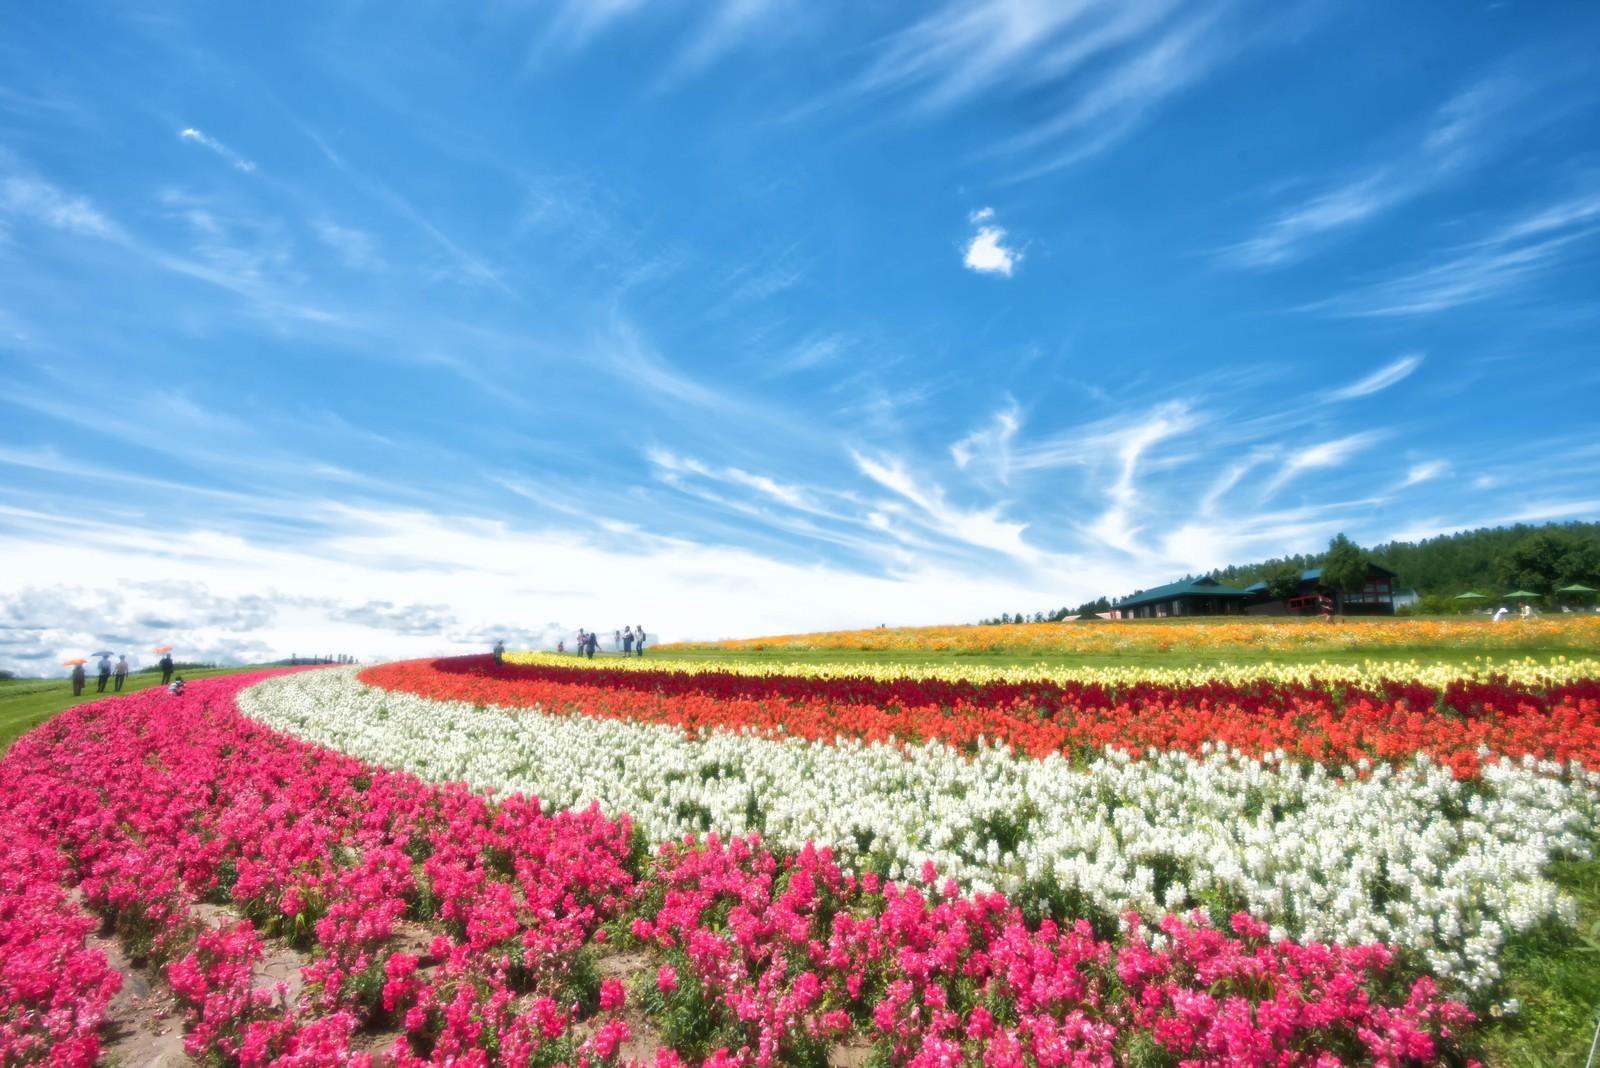 「色とりどりの花畑と青空が織り成す富良野の風景」